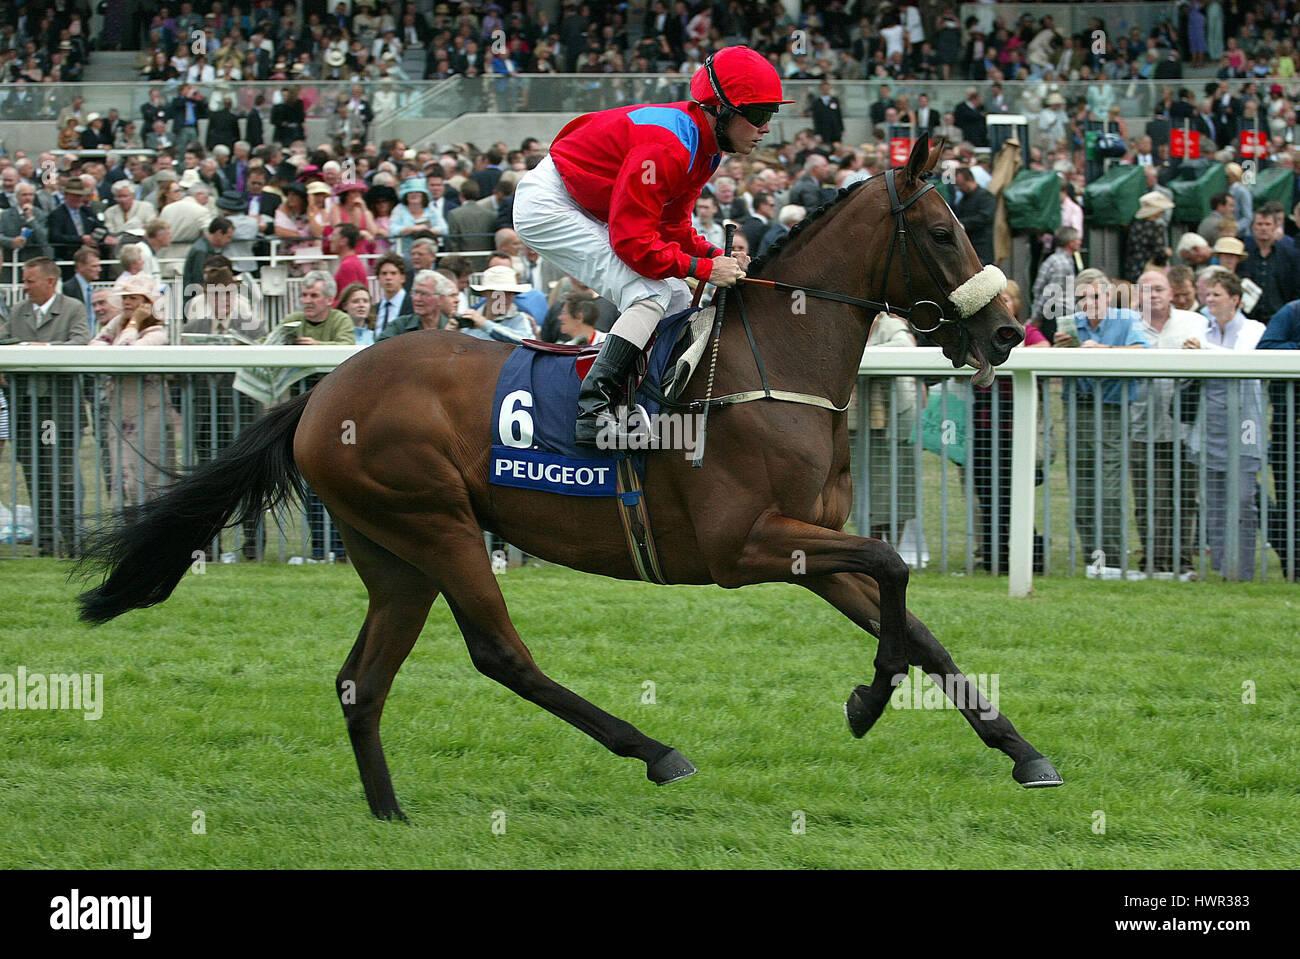 Horse Racing York Stock Photos & Horse Racing York Stock Images